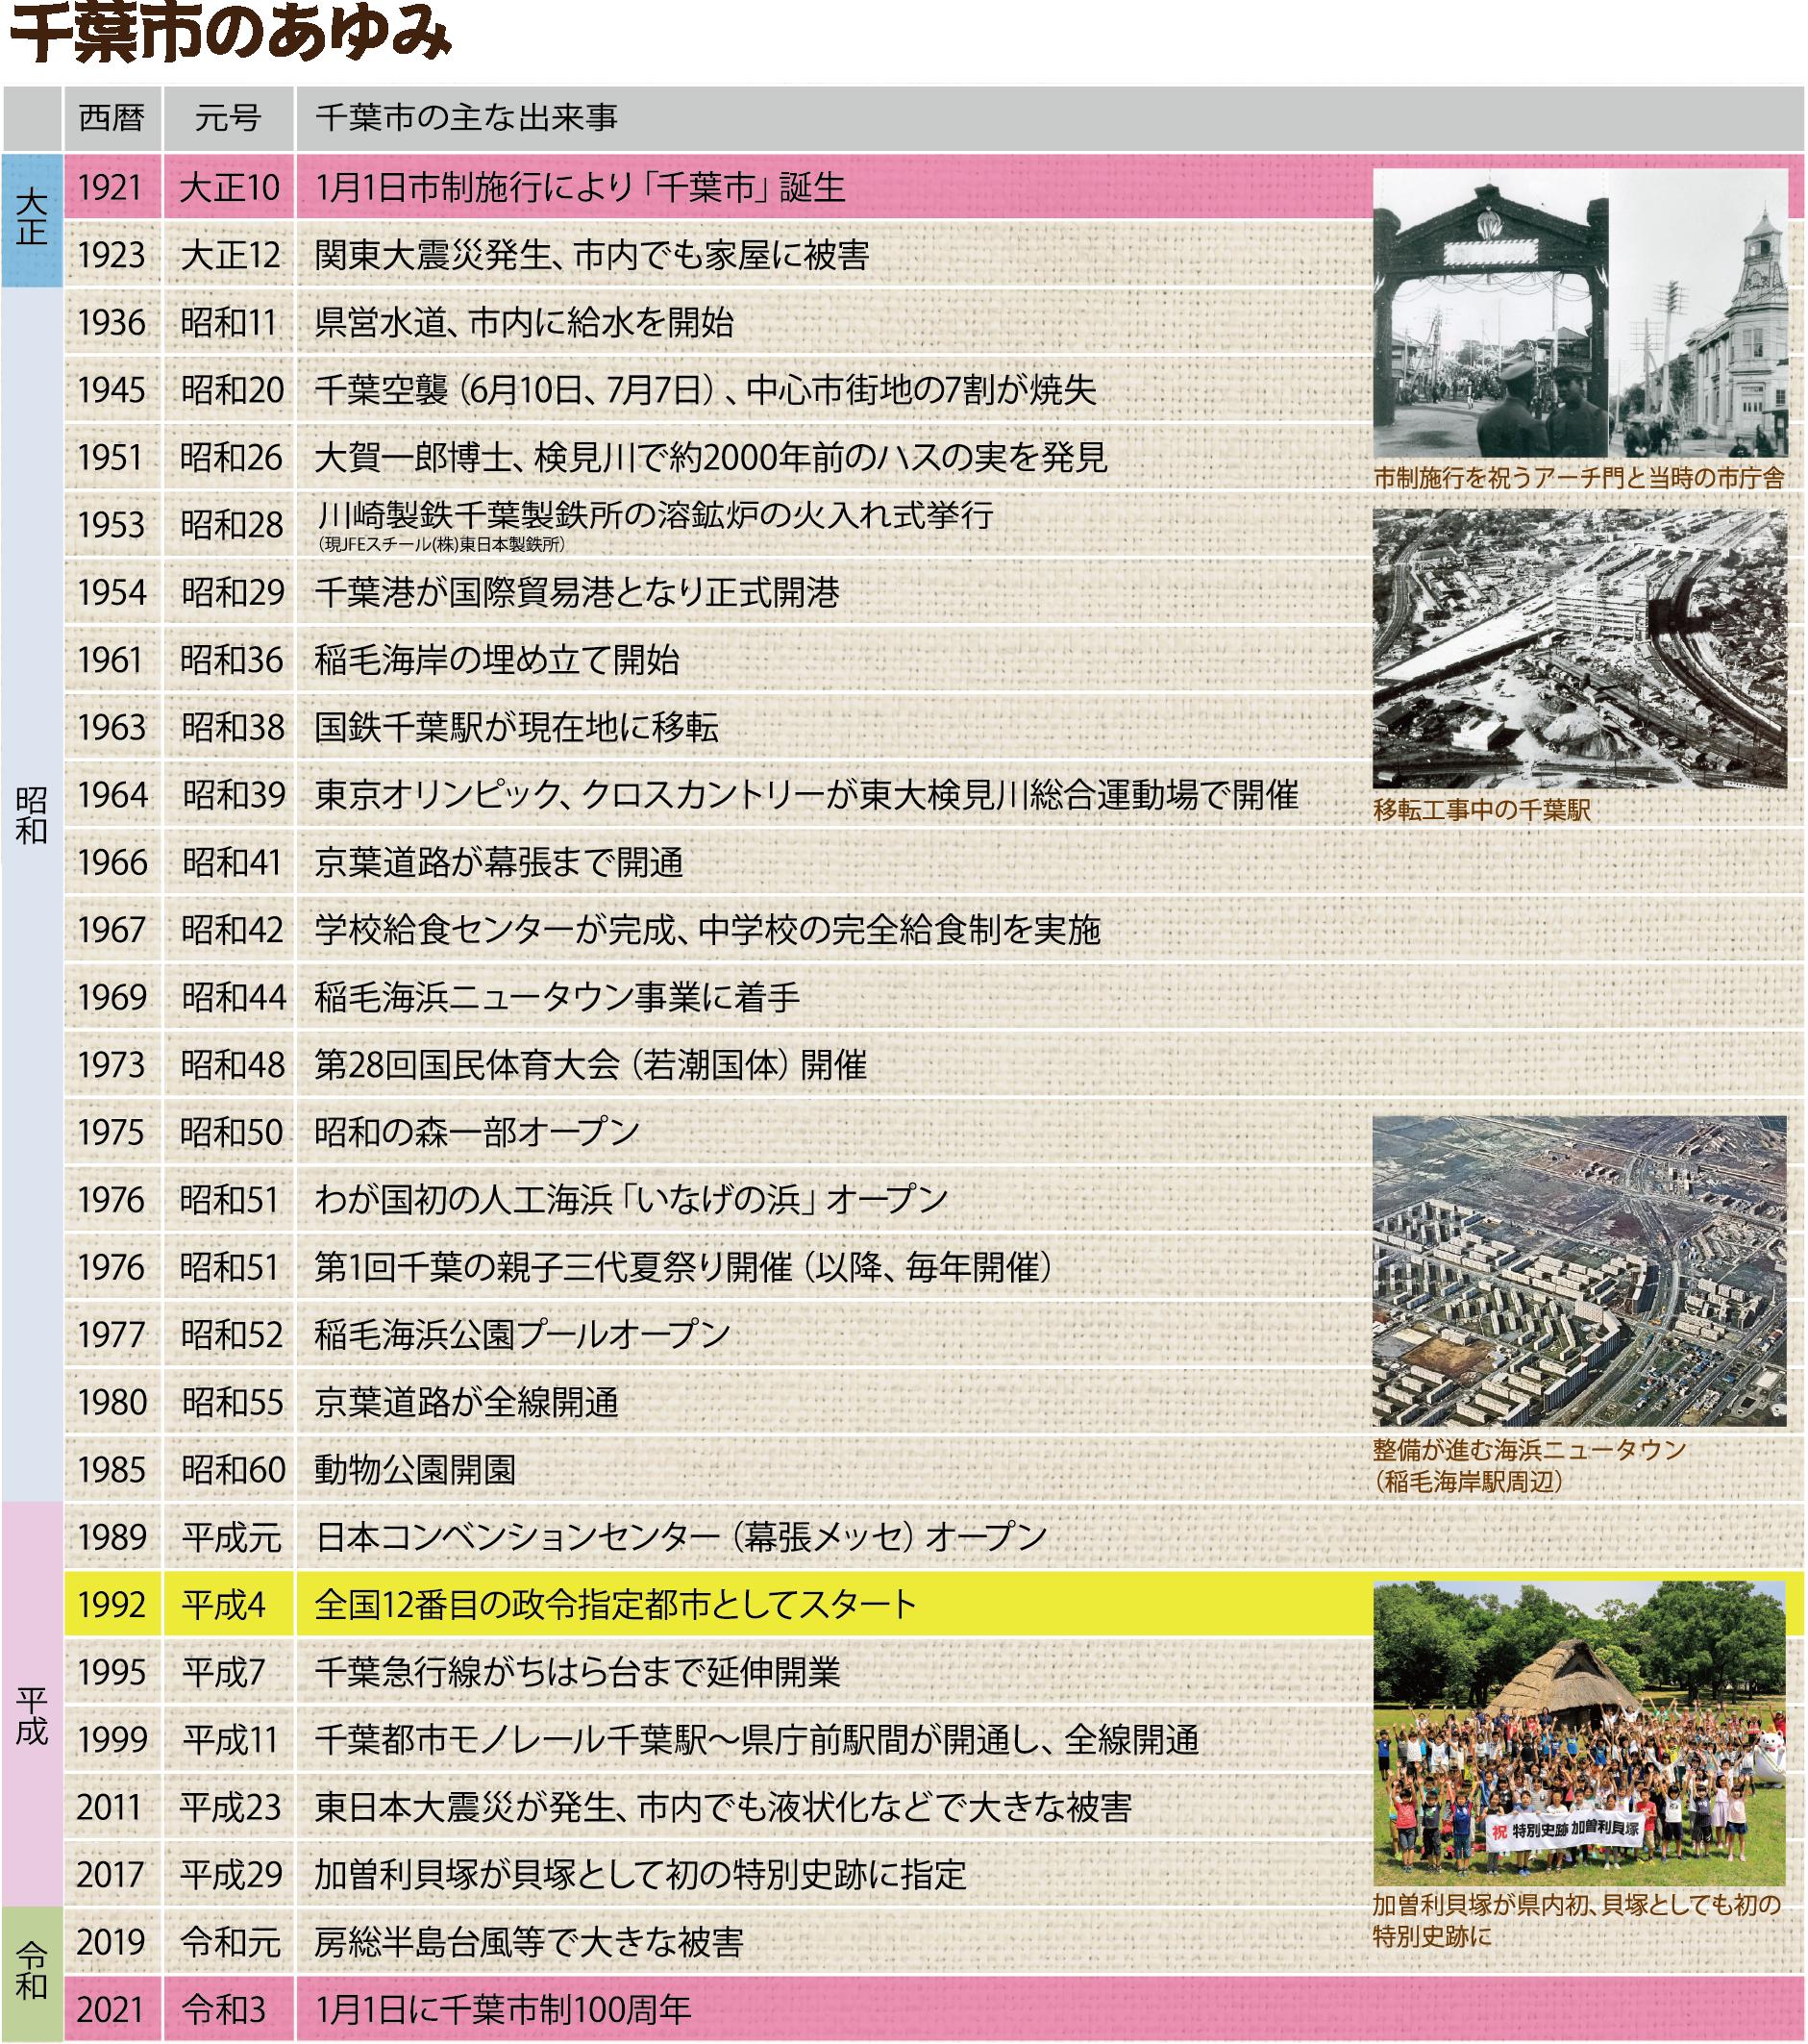 千葉市政100周年04